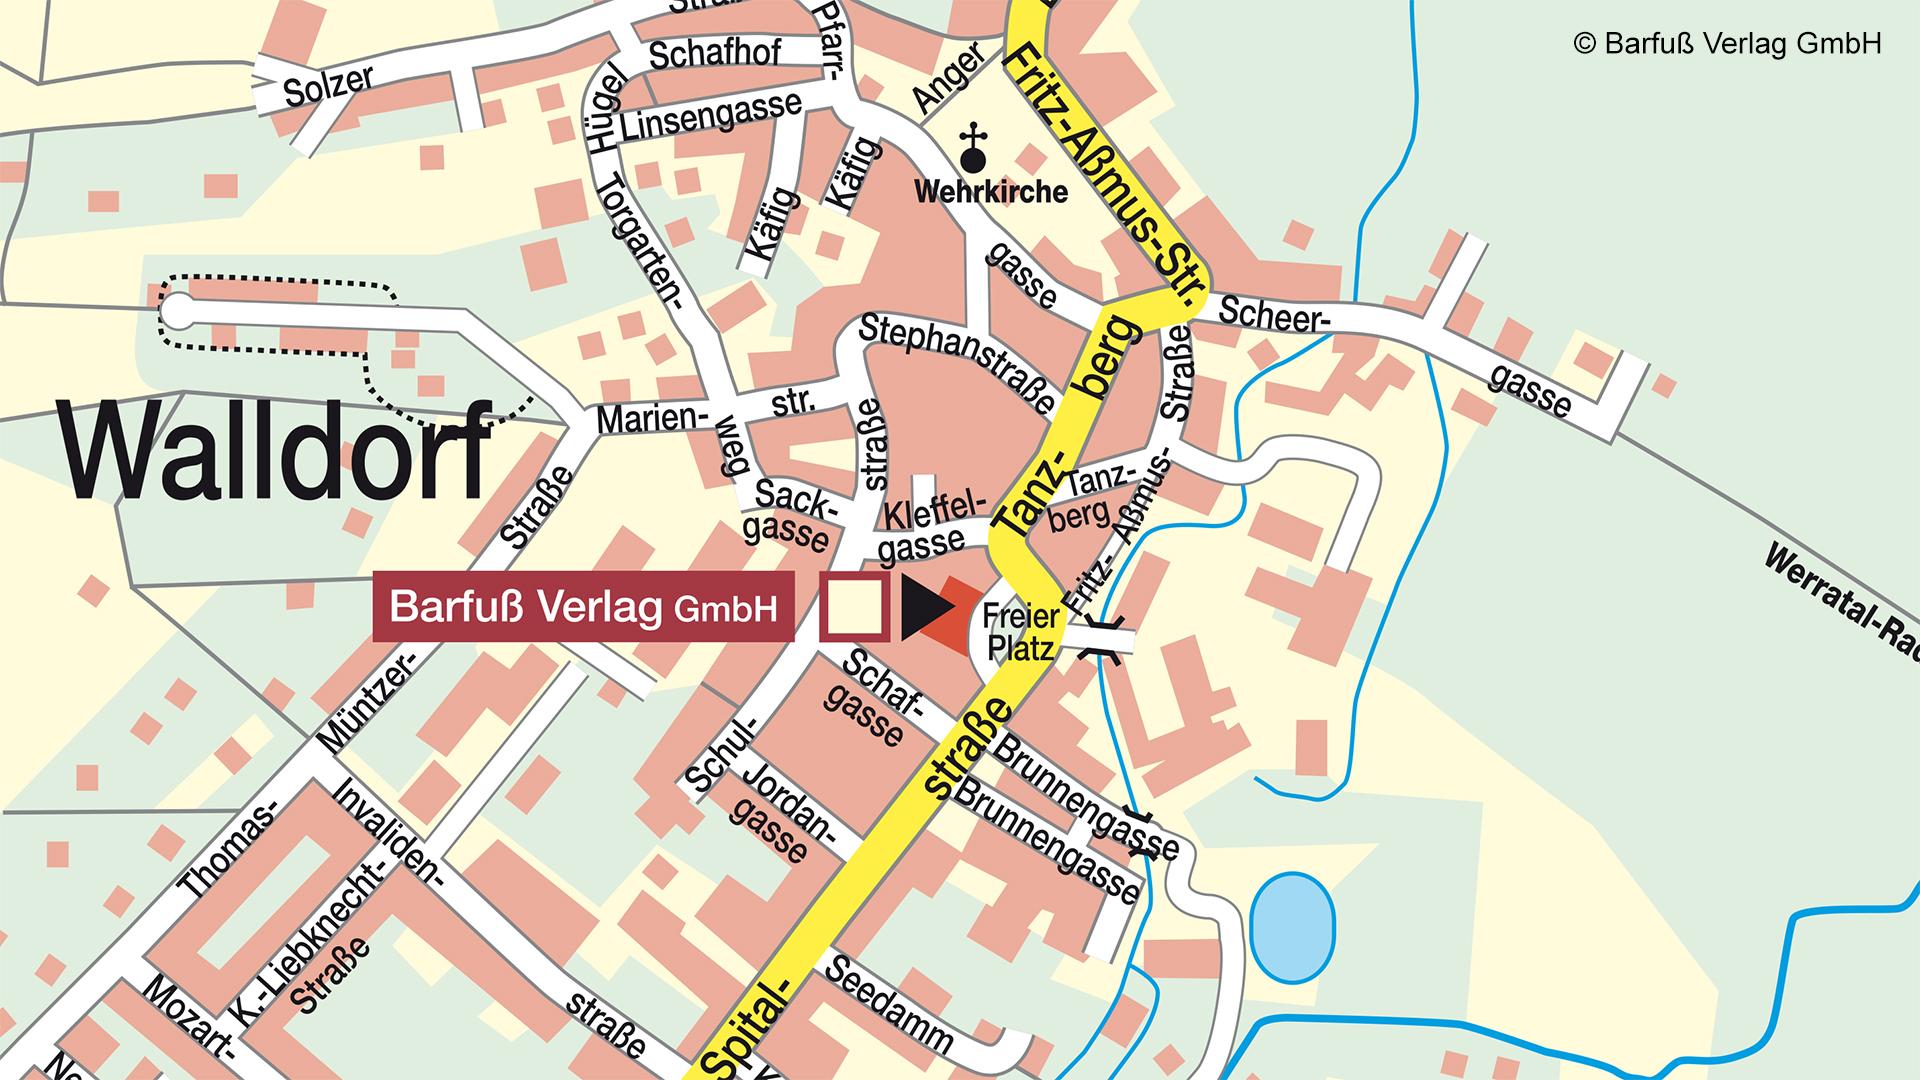 Karte Walldorf mit Marker auf Barfuß Verlag GmbH